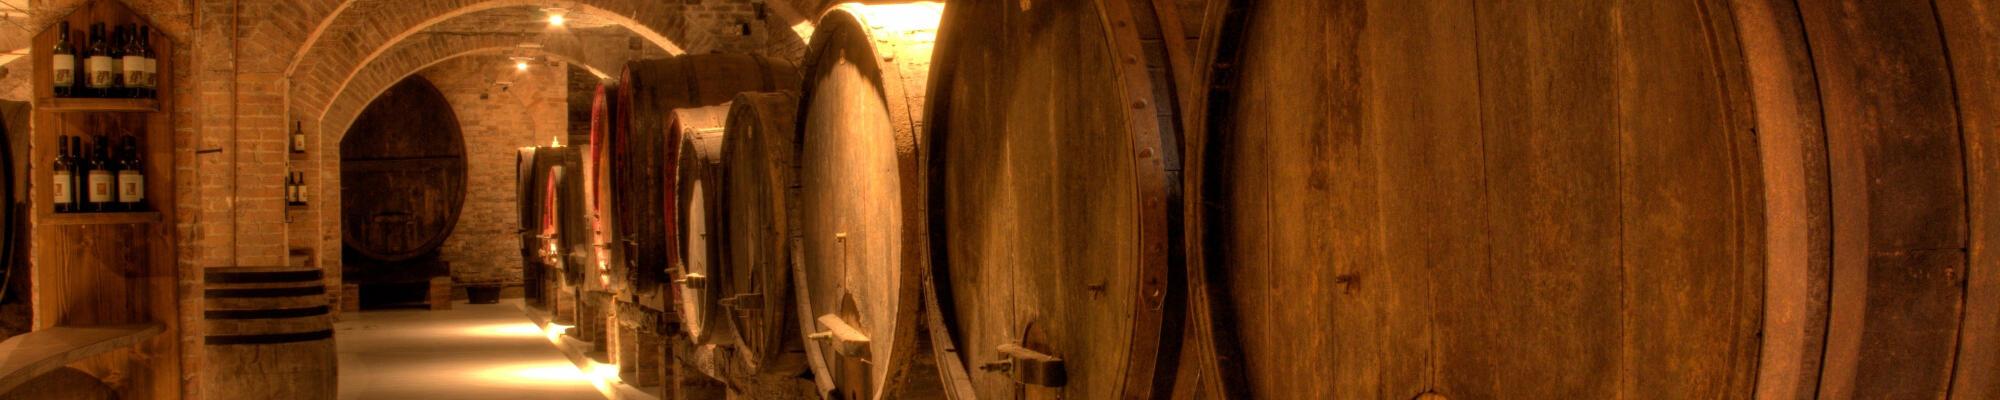 Speciale WINE EXPERIENCE in Residence a Castiglion Fiorentino AR